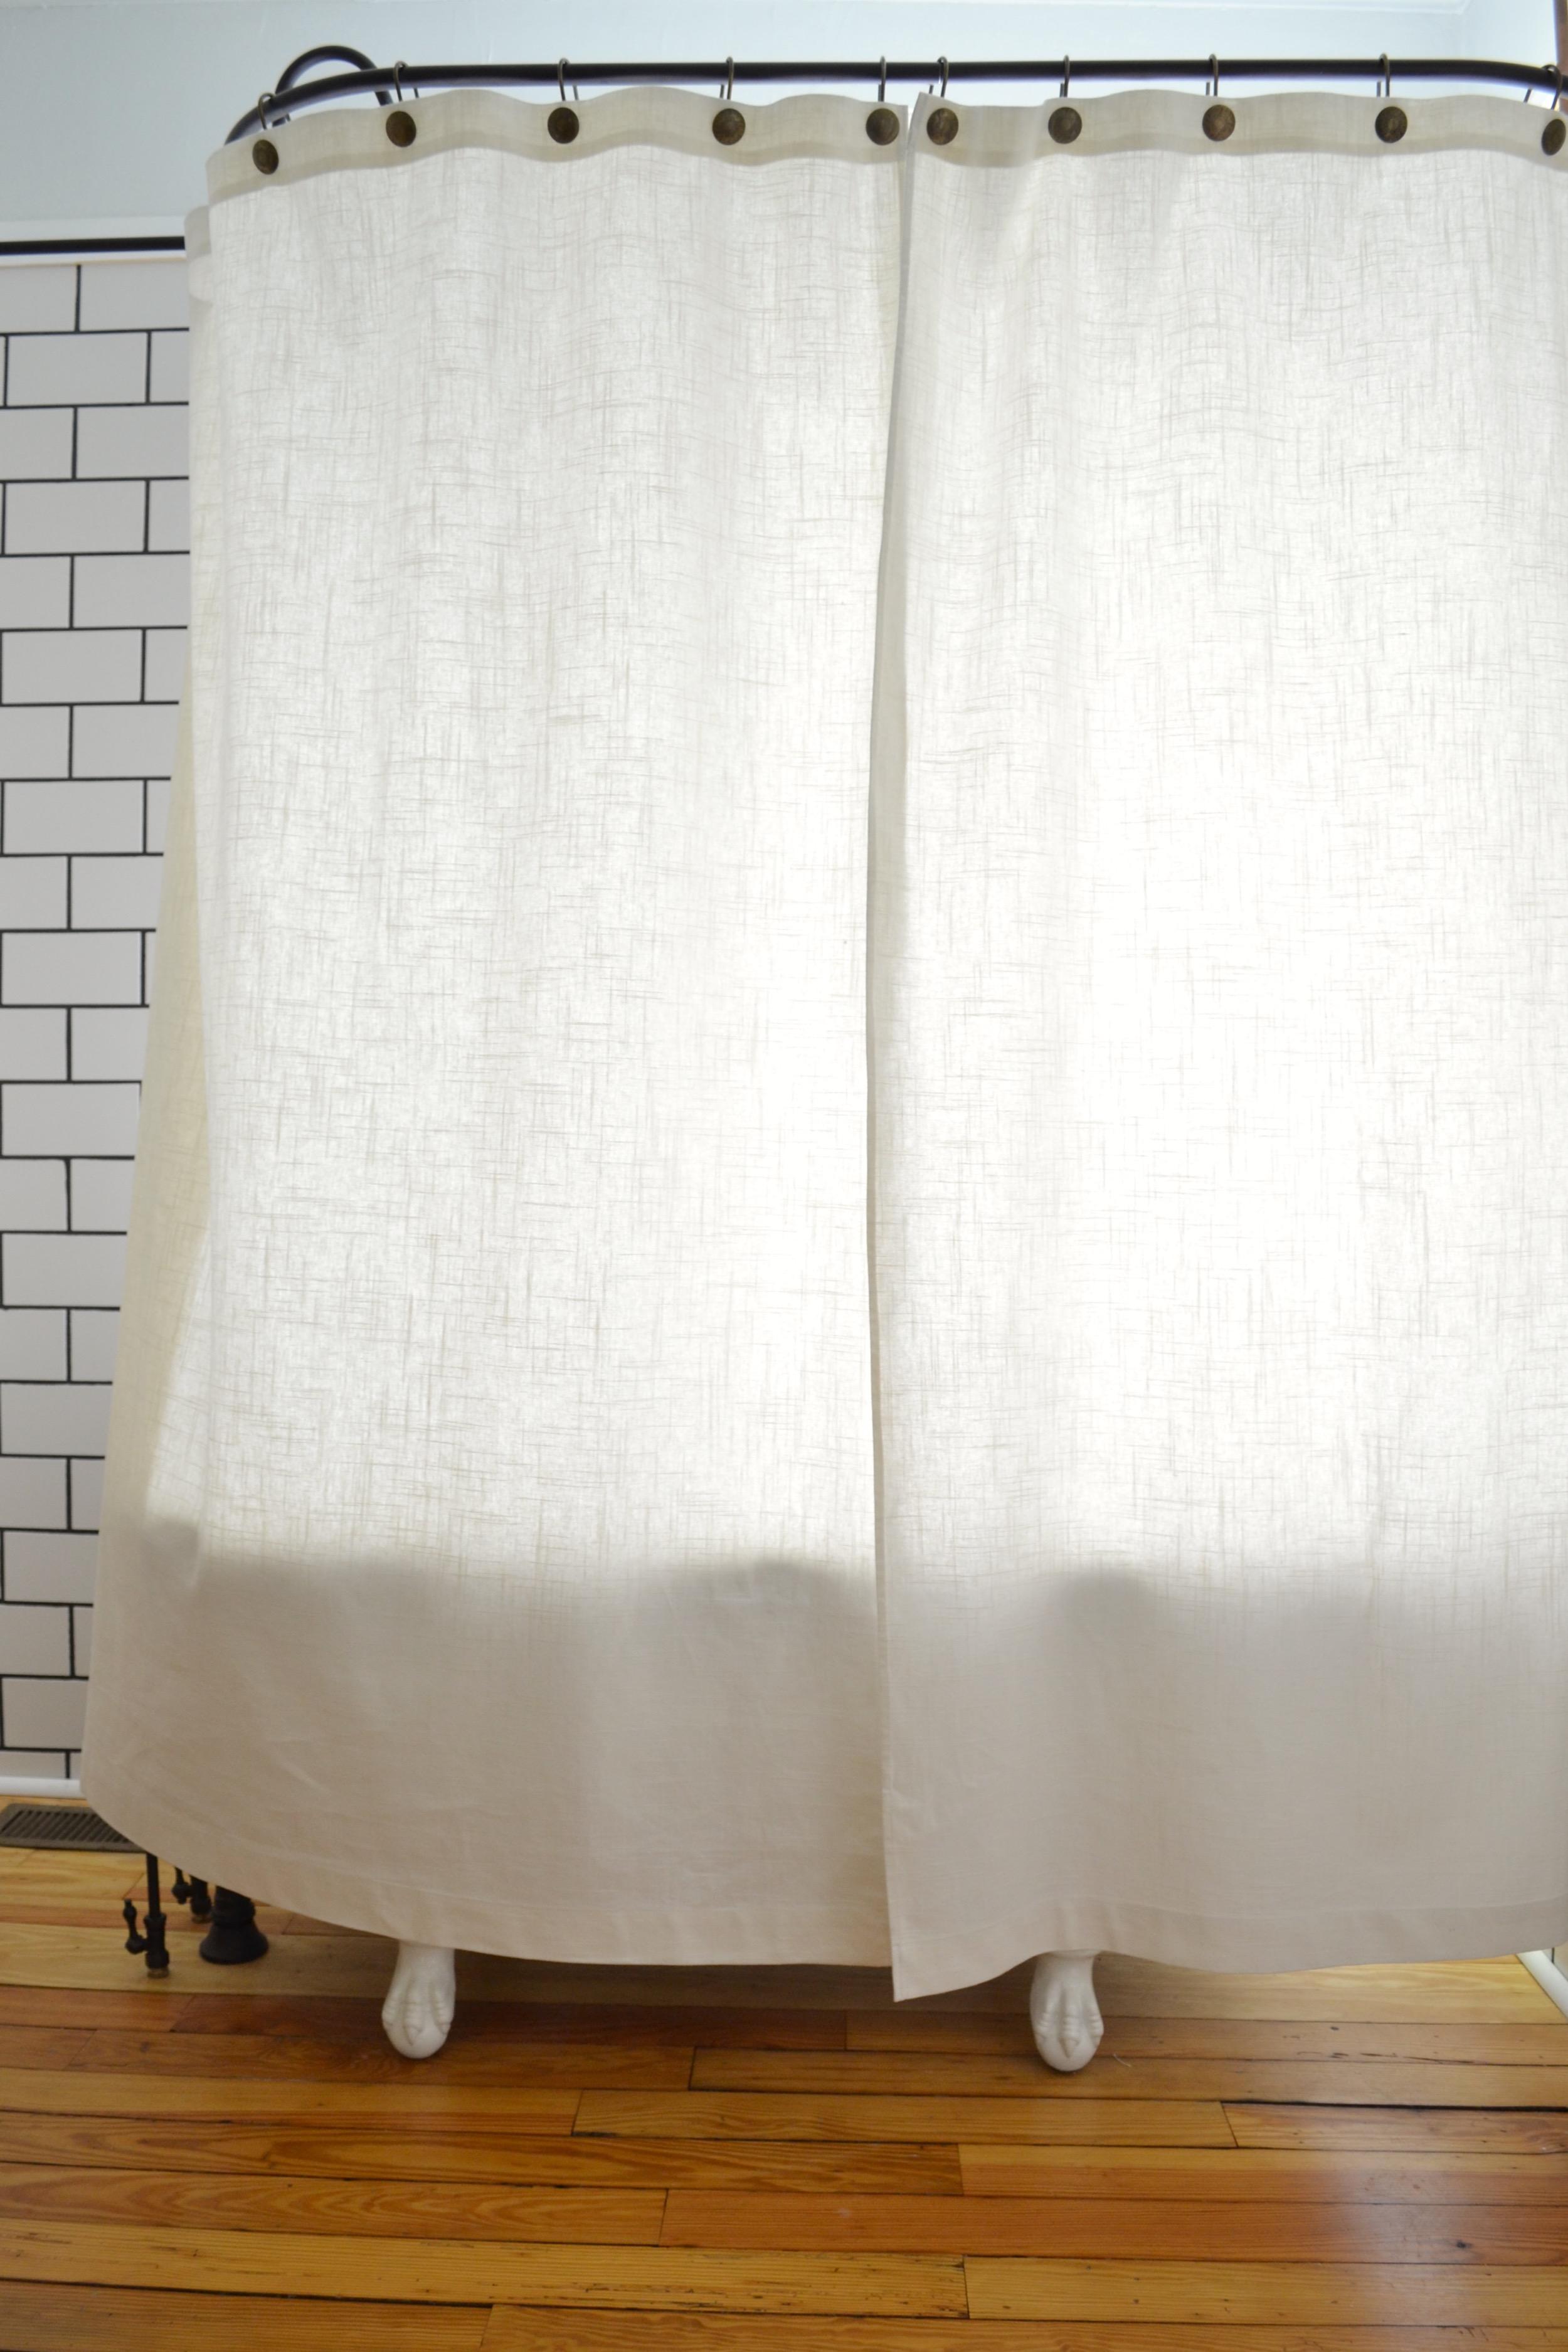 A Diy Clawfoot Tub Shower Curtain For Your Clawfoot Tub